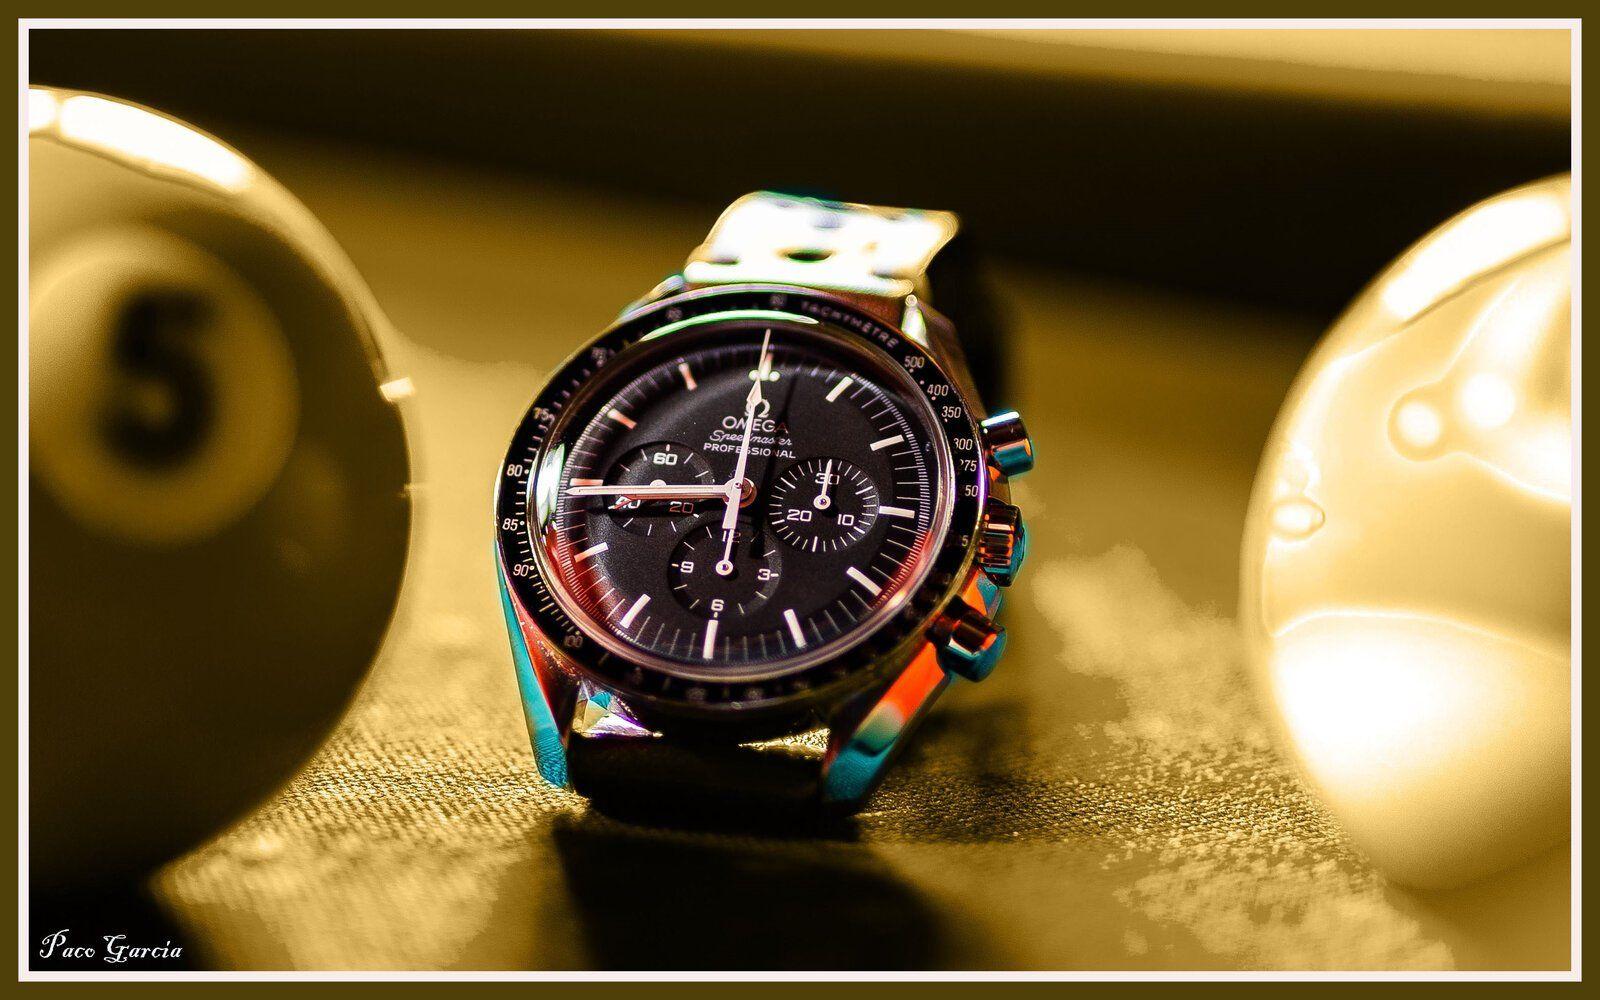 Reloj-Billar-1-72 bis 1.jpg